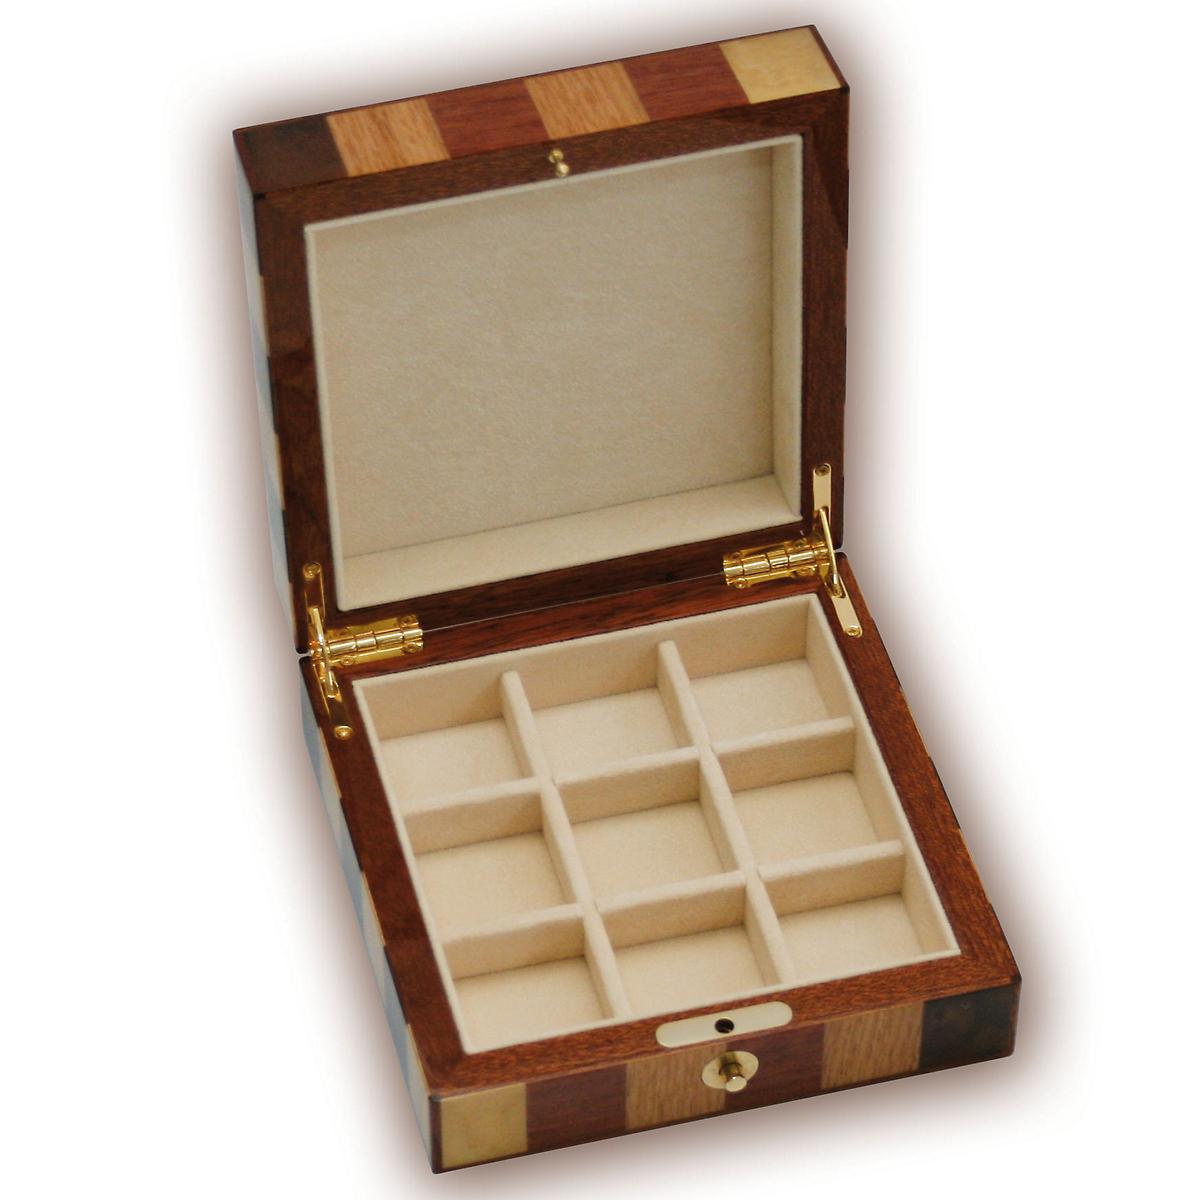 ercolano square lahur jewelry box gump s